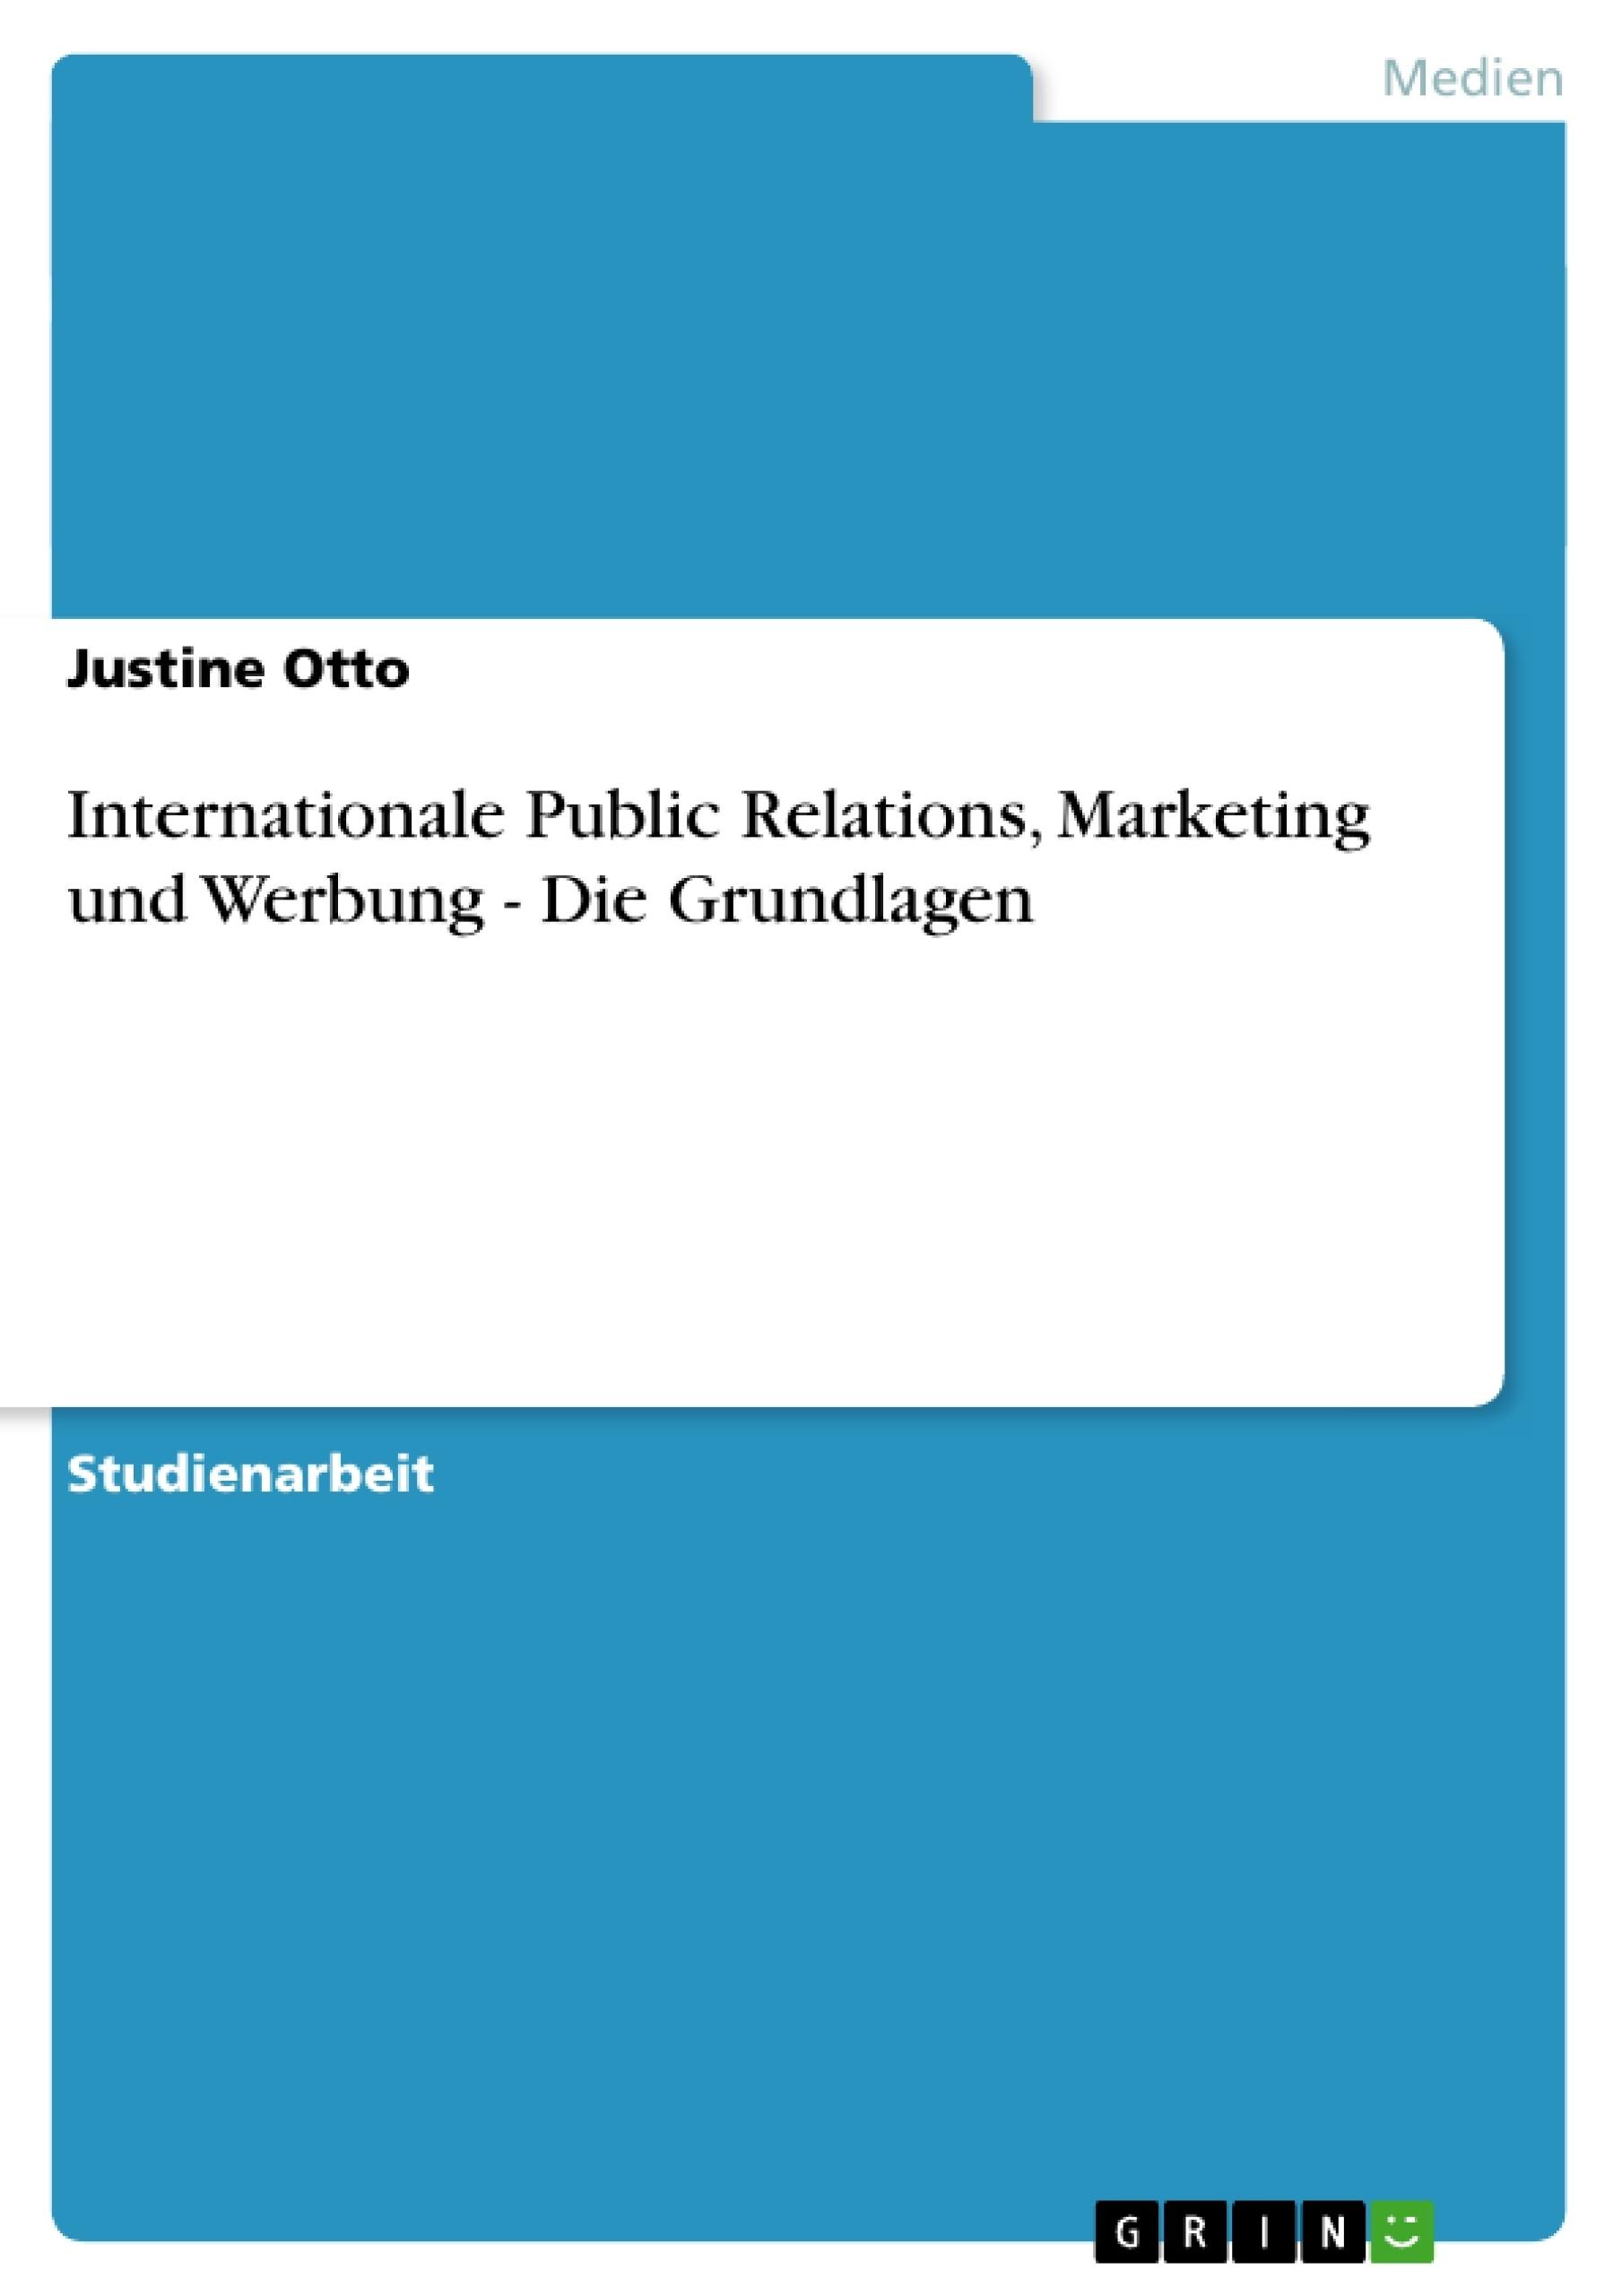 Titel: Internationale Public Relations, Marketing und Werbung - Die Grundlagen